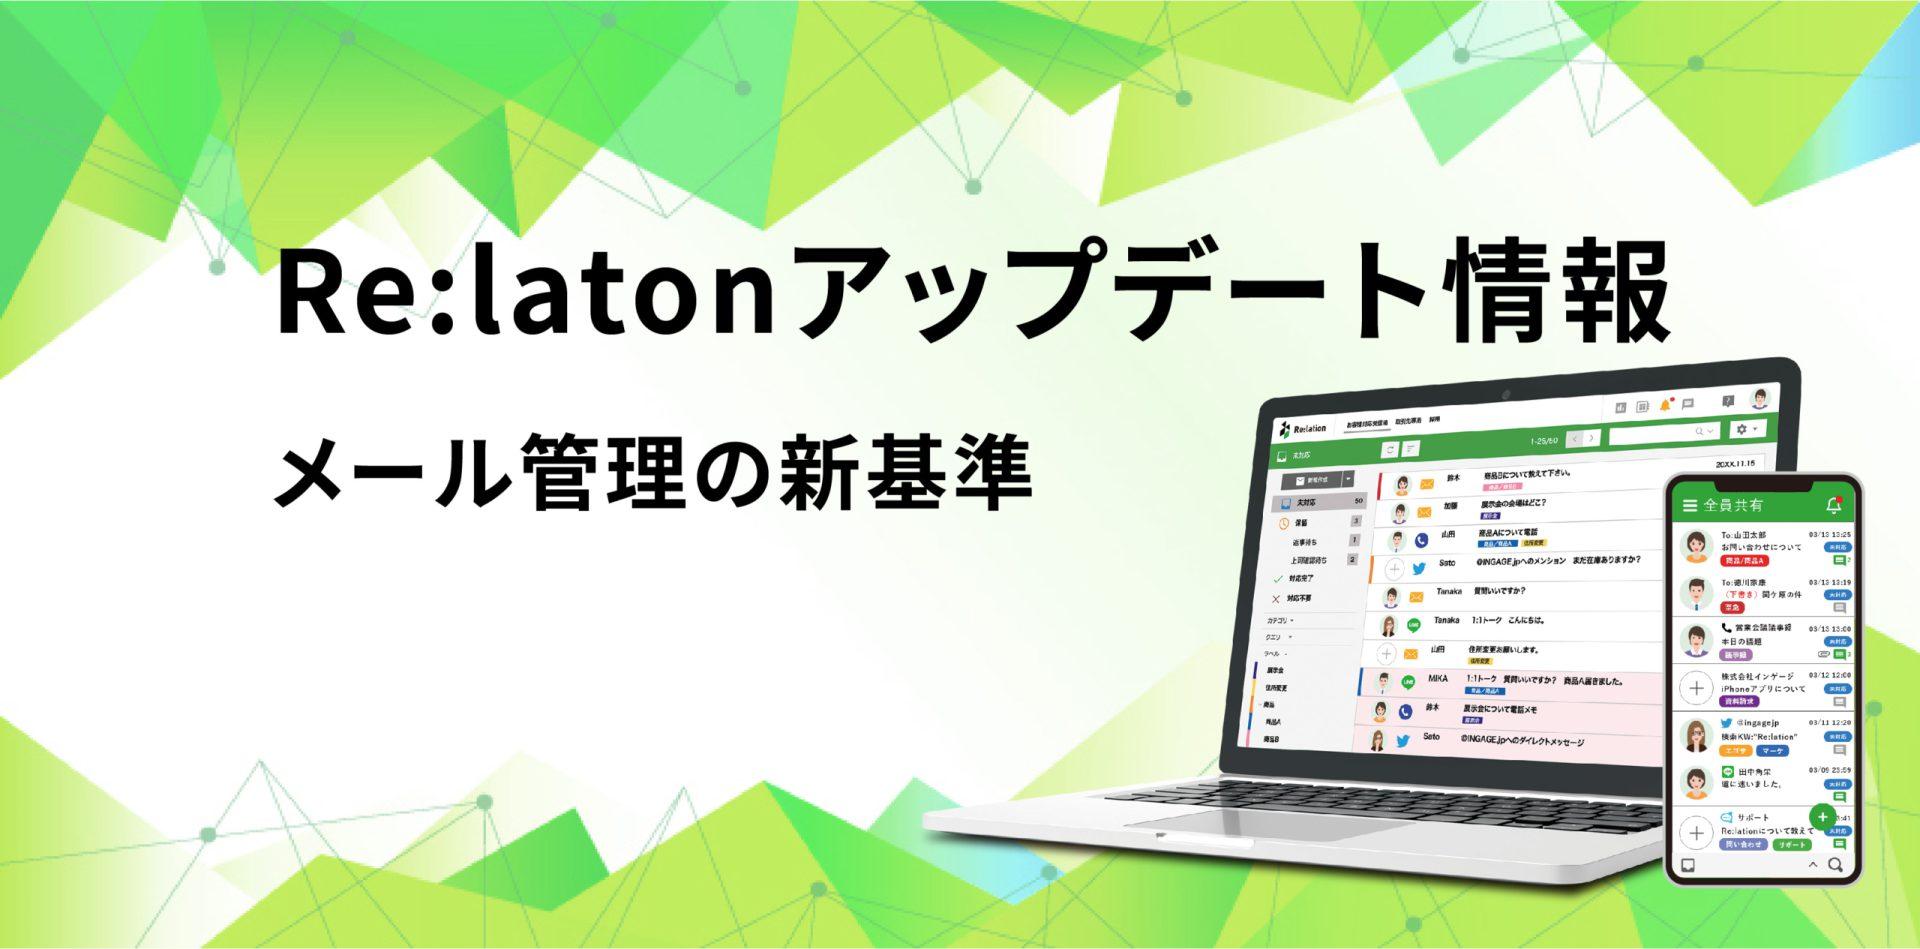 テレワーク時代のメール管理「Re:lation(リレーション)」07.02アップデート